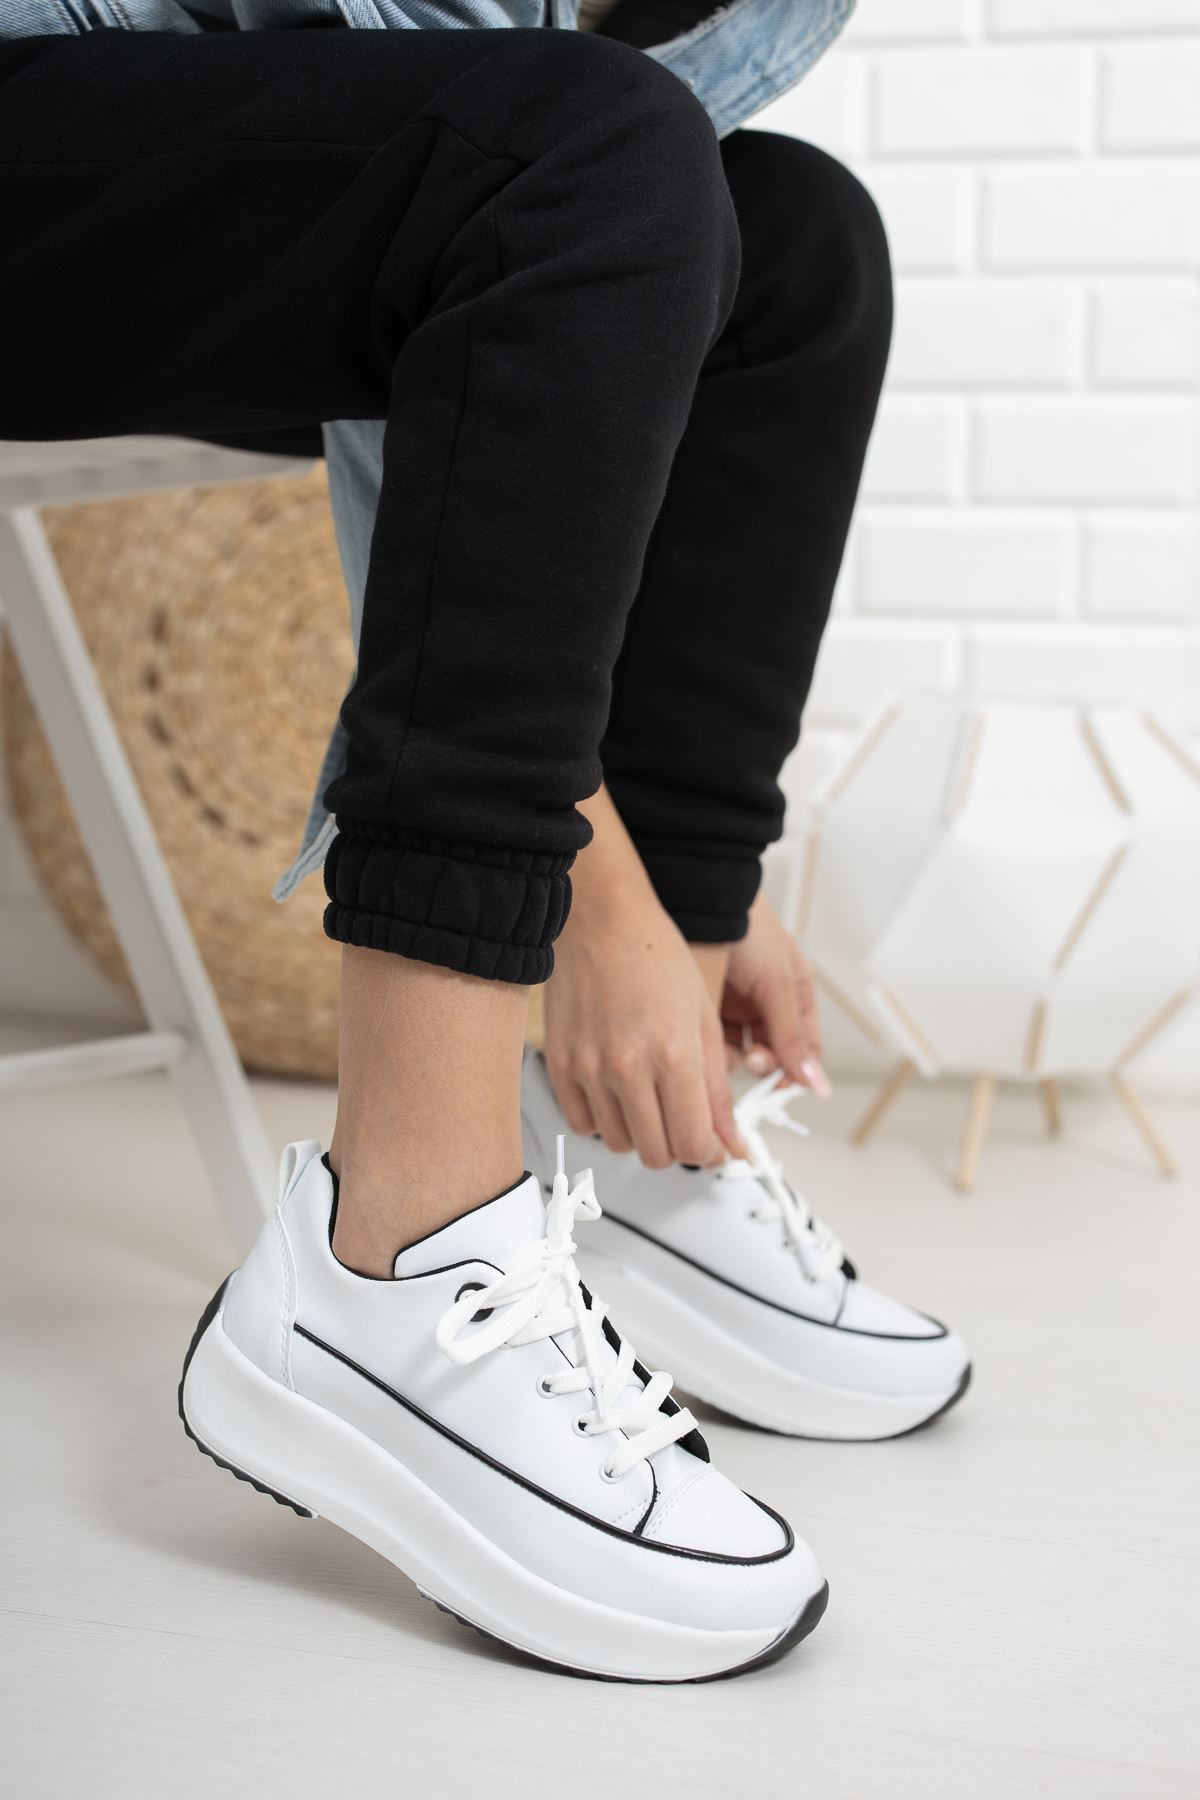 Gladiolia Beyaz Yüksek Taban Kadın Spor Ayakkabı